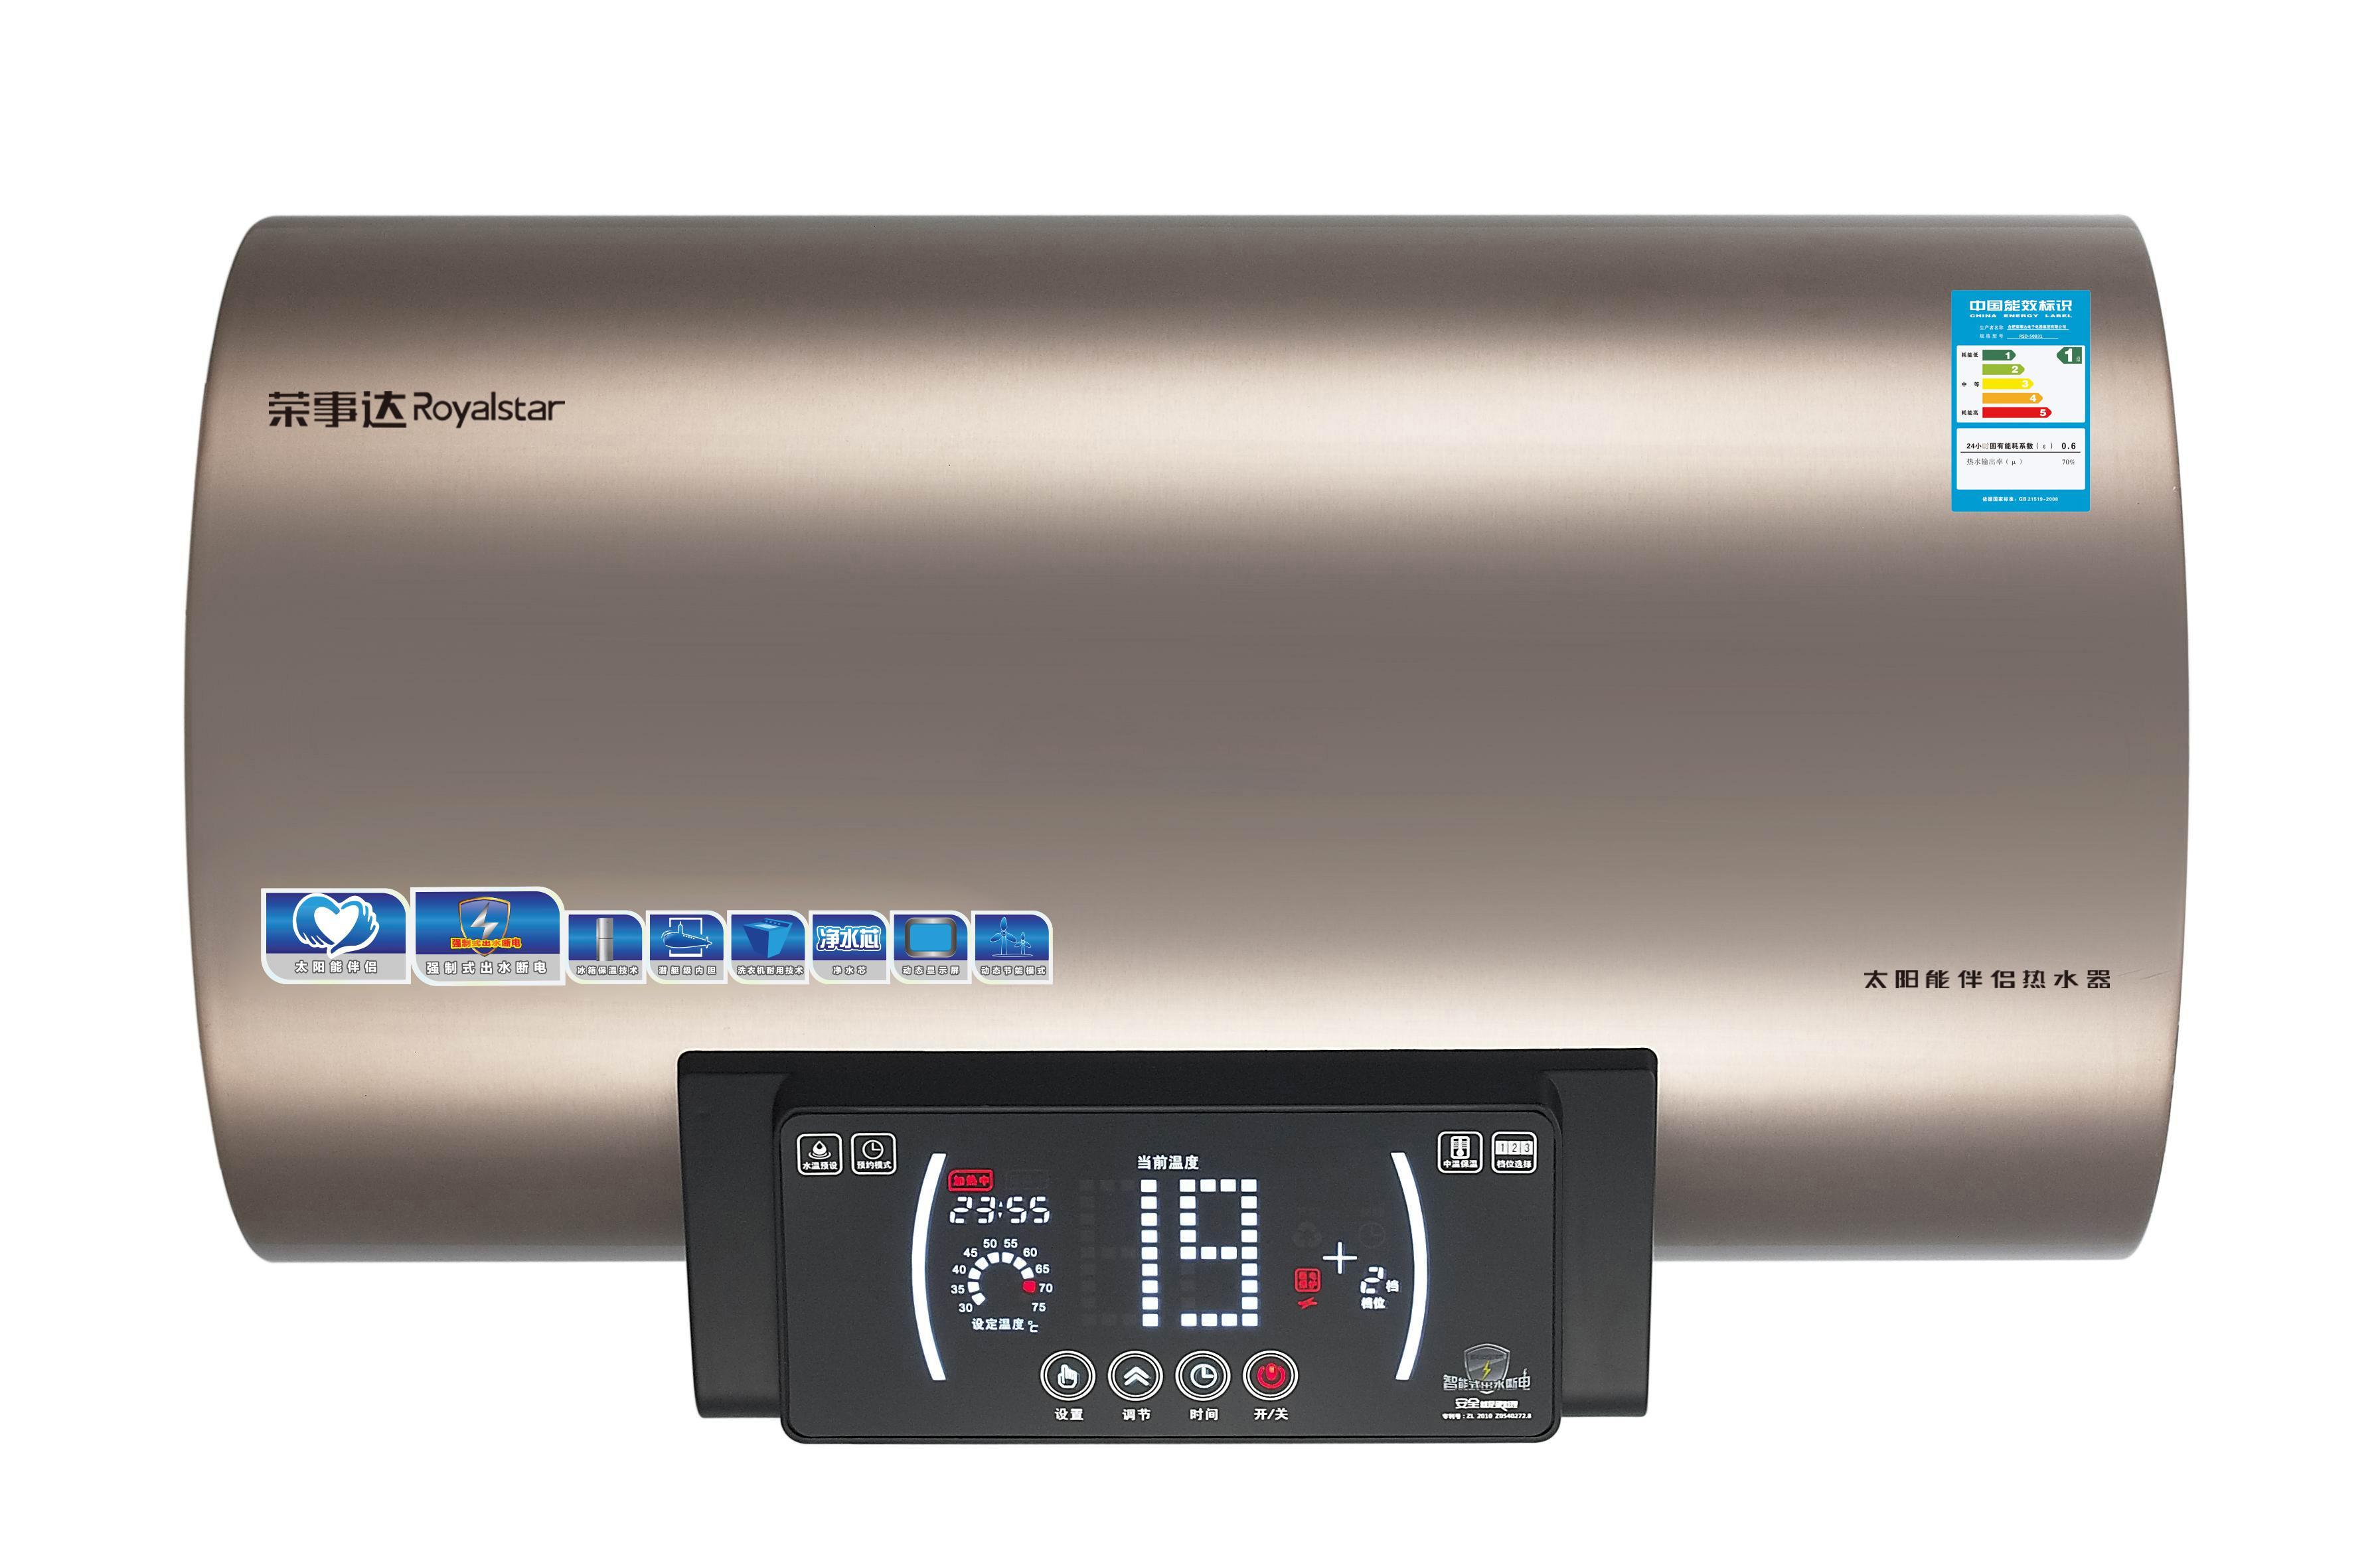 RSDY8 外观:采用进口仿钢质面复合结构材料,简洁时尚、不生锈,超大显屏,一目了然。温度显示随时可以更为直观的了解到电热水器的工作情况,非常贴心。 性能:首创智能出水断电专利,水电安全分离,特设超压、超温、漏电等多重保护功能,让您洗浴更安心。此外,多种加热功能、微电脑控制等人性化功能让用户操控省心,系统操作简单便捷。5000W大功率加热,最大容量60L,业内鲜有的大功率大容量热水器,让用户体验沐浴的酣畅快感。多级功率调节功能,想省就省。一级能效,节能环保。